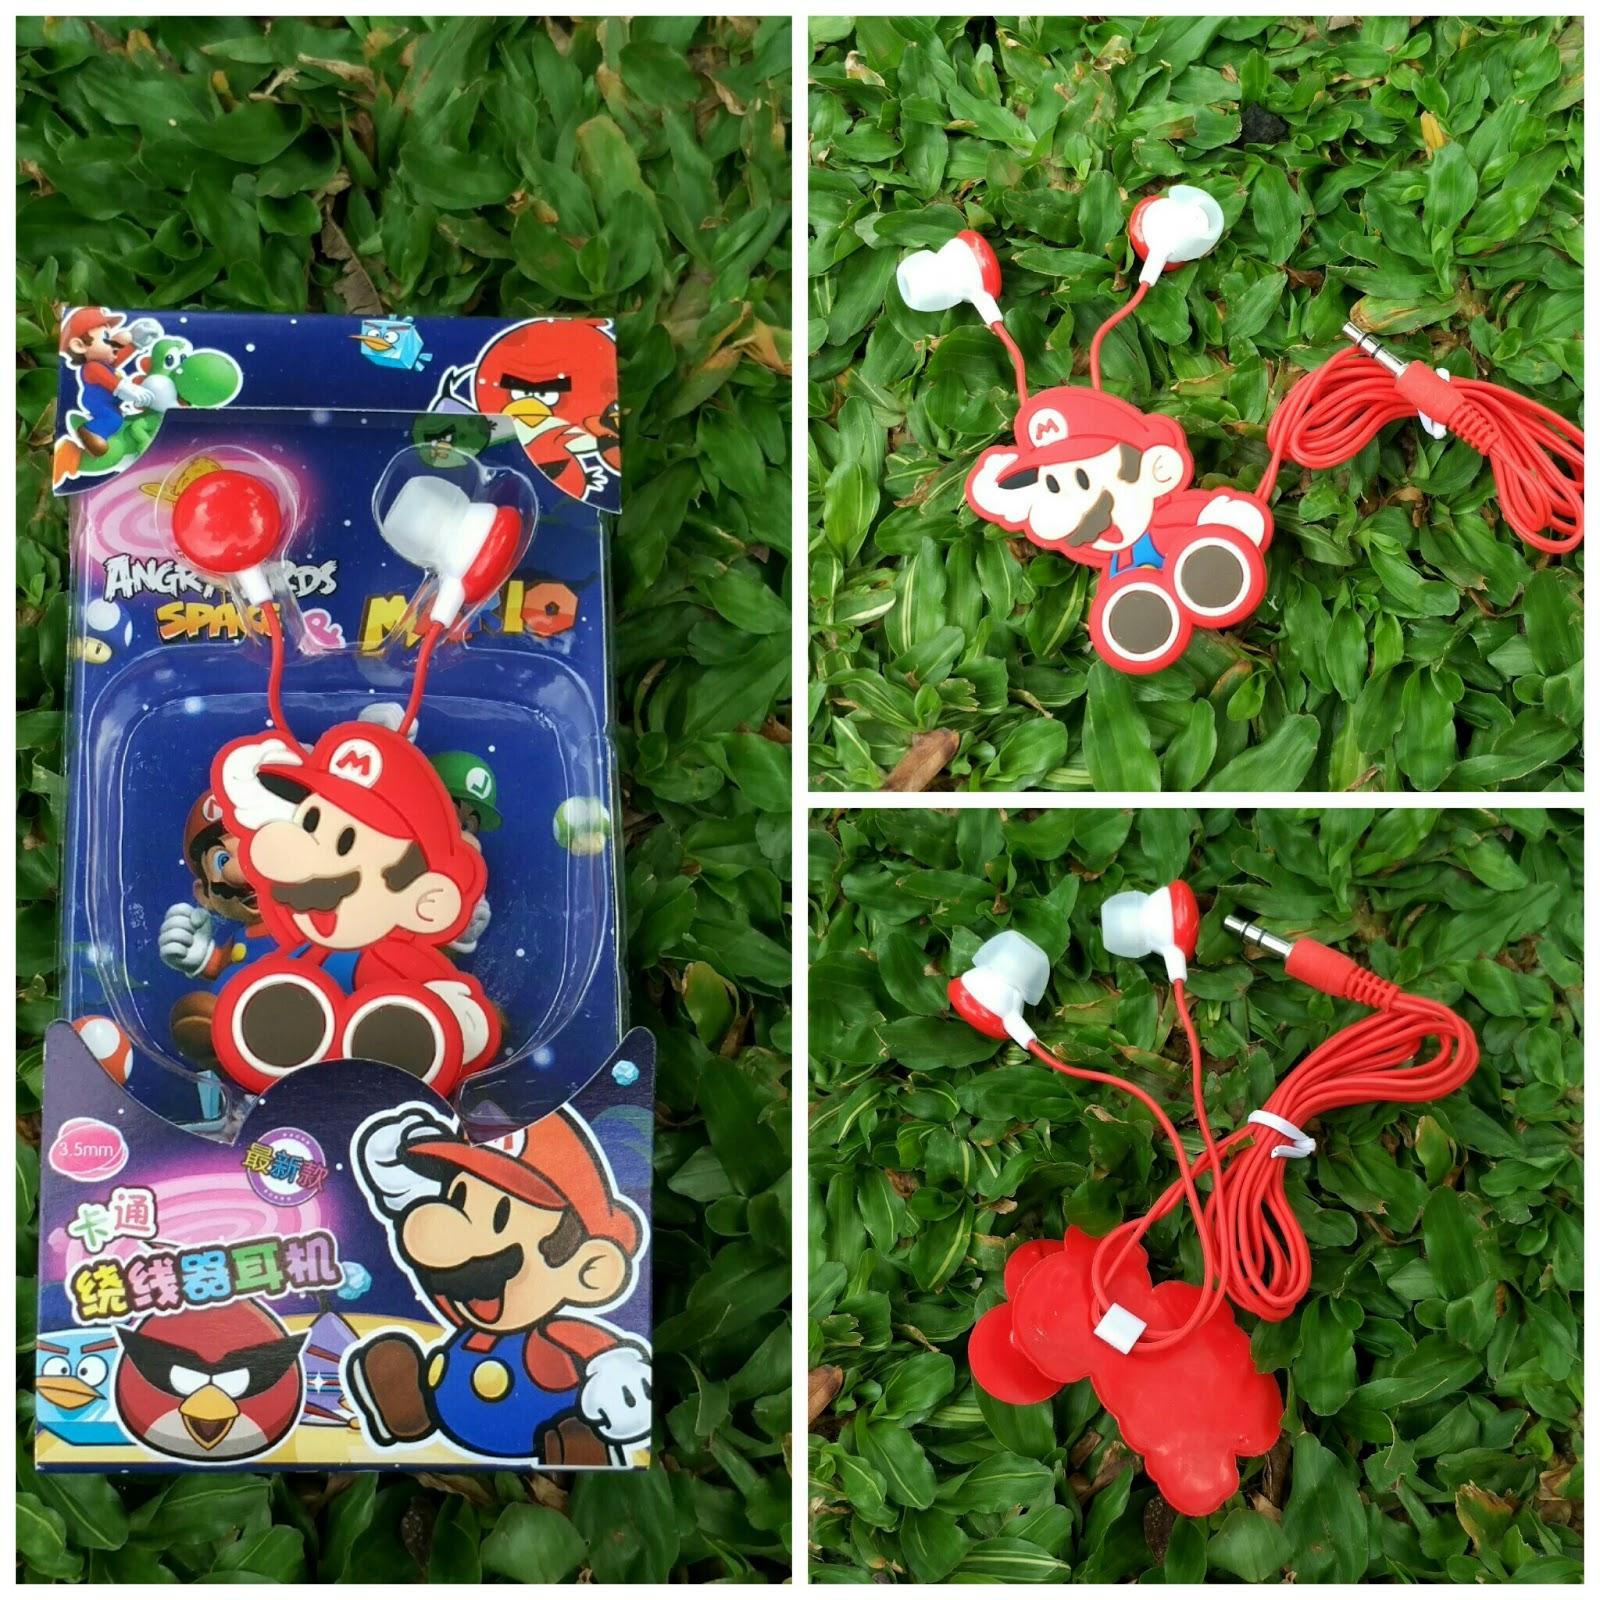 Earphone lucu, earphone murah, Earphone lucu Mario Bross